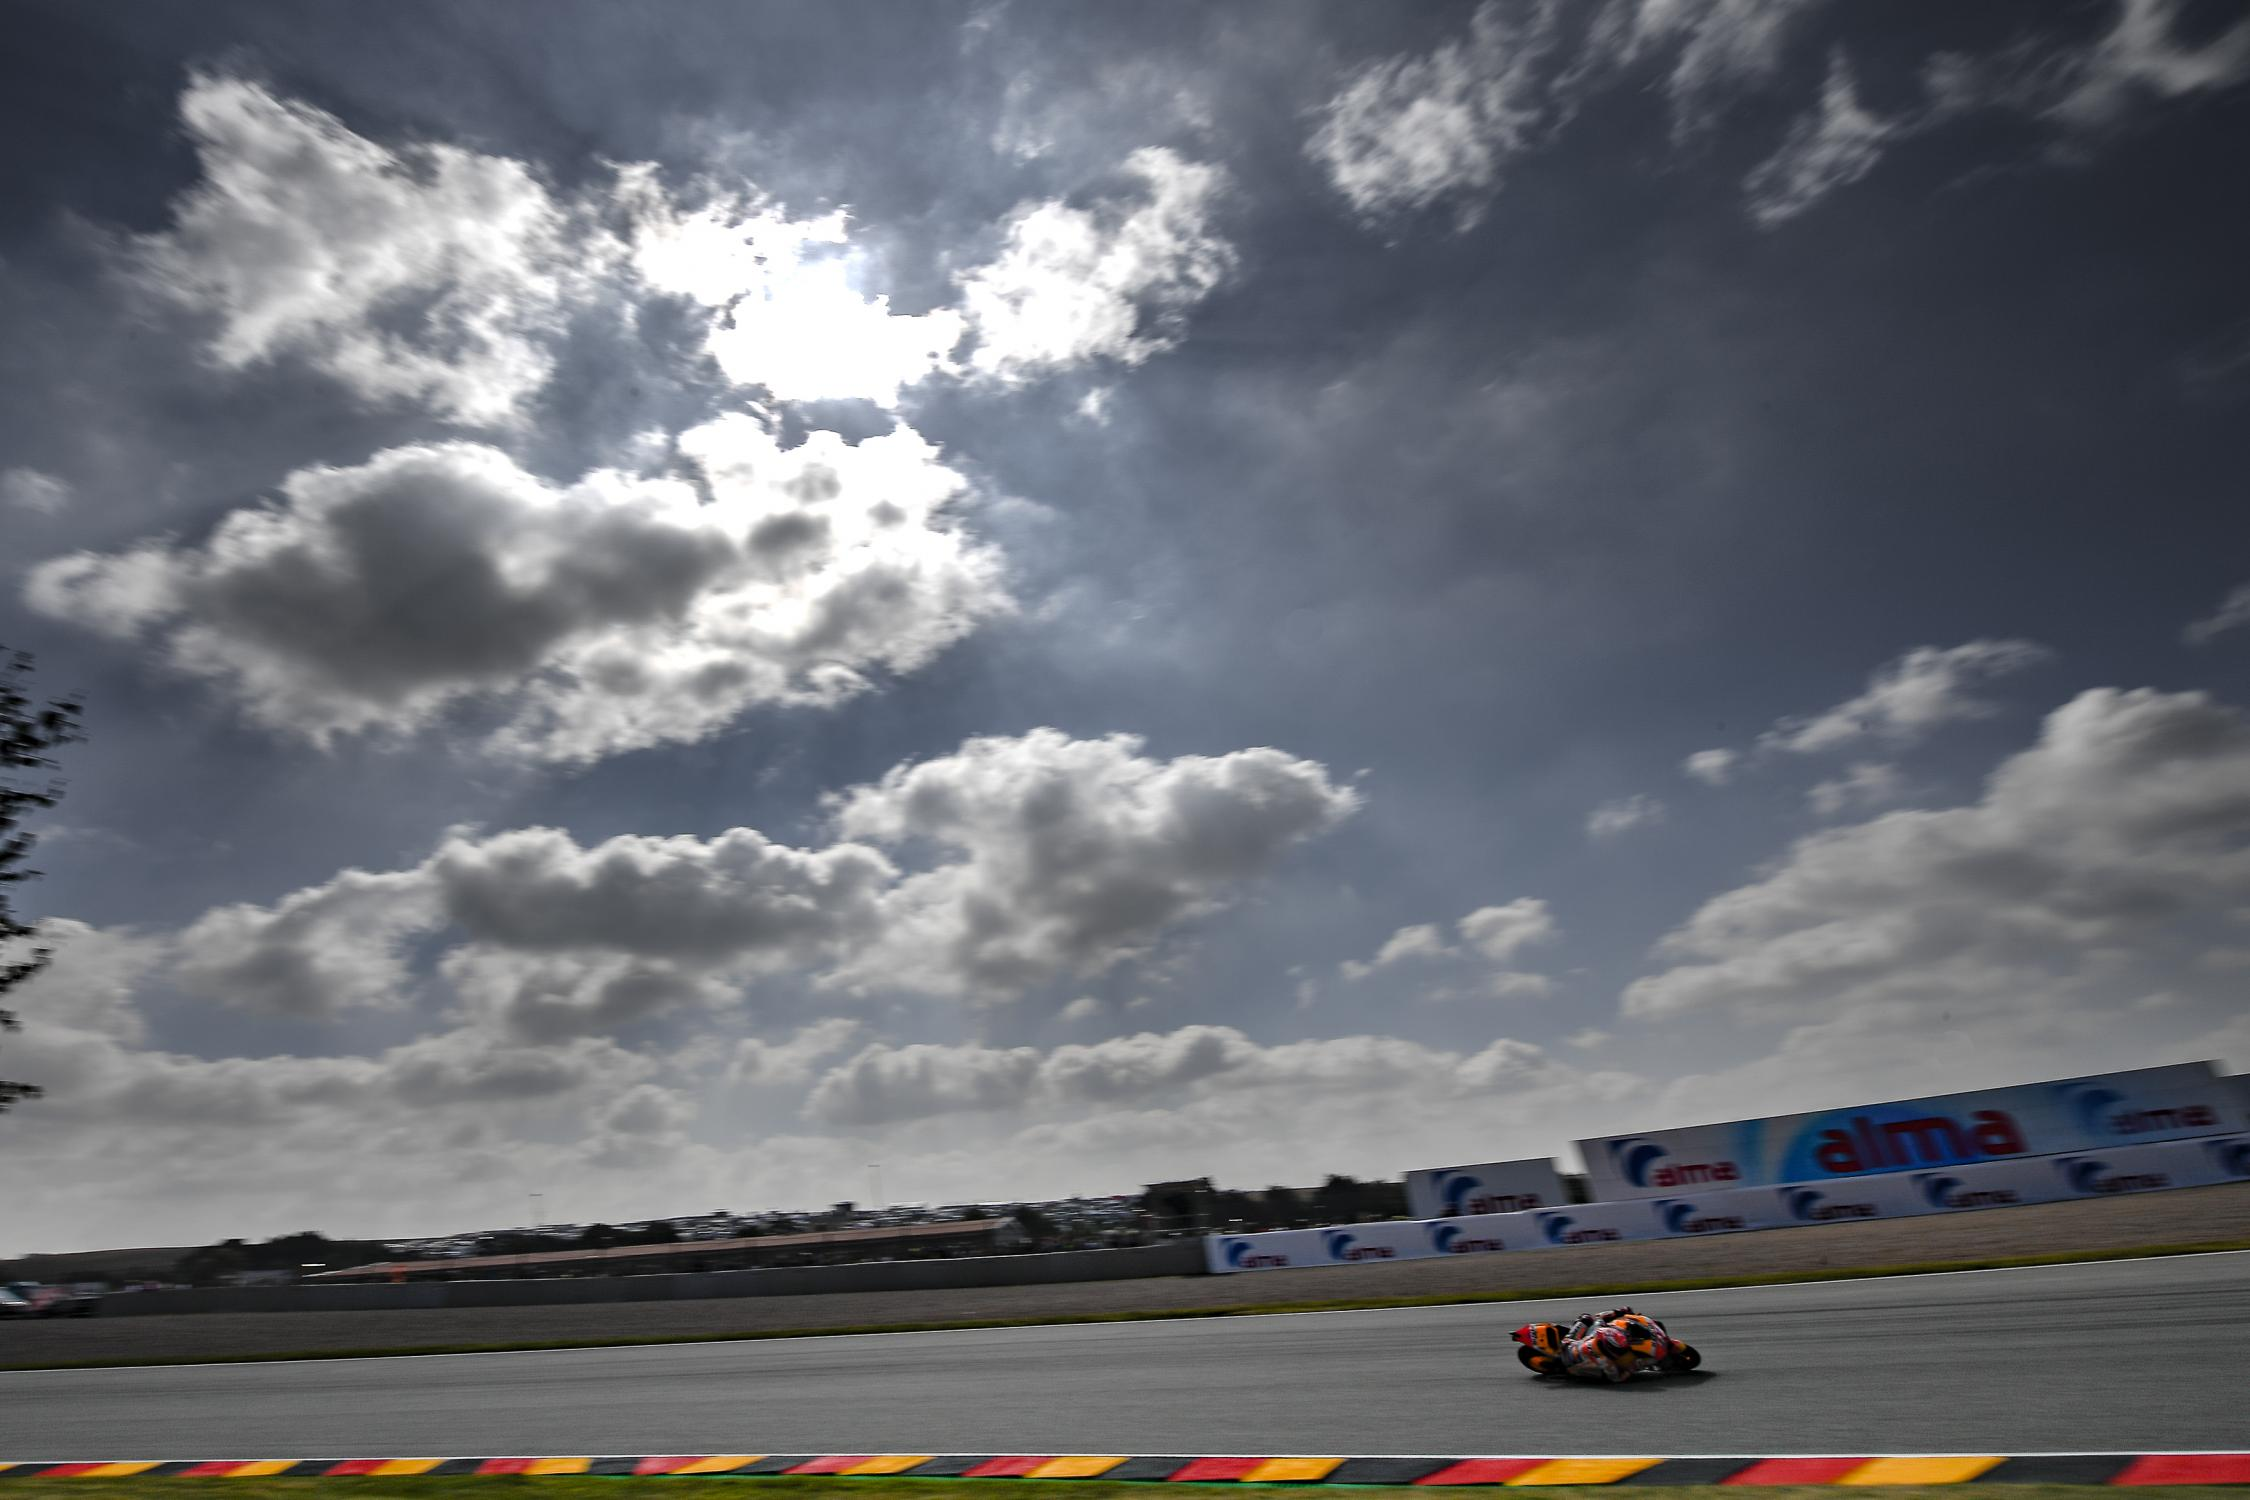 MotoGP Marquez assure au Sachsenring avant la trève